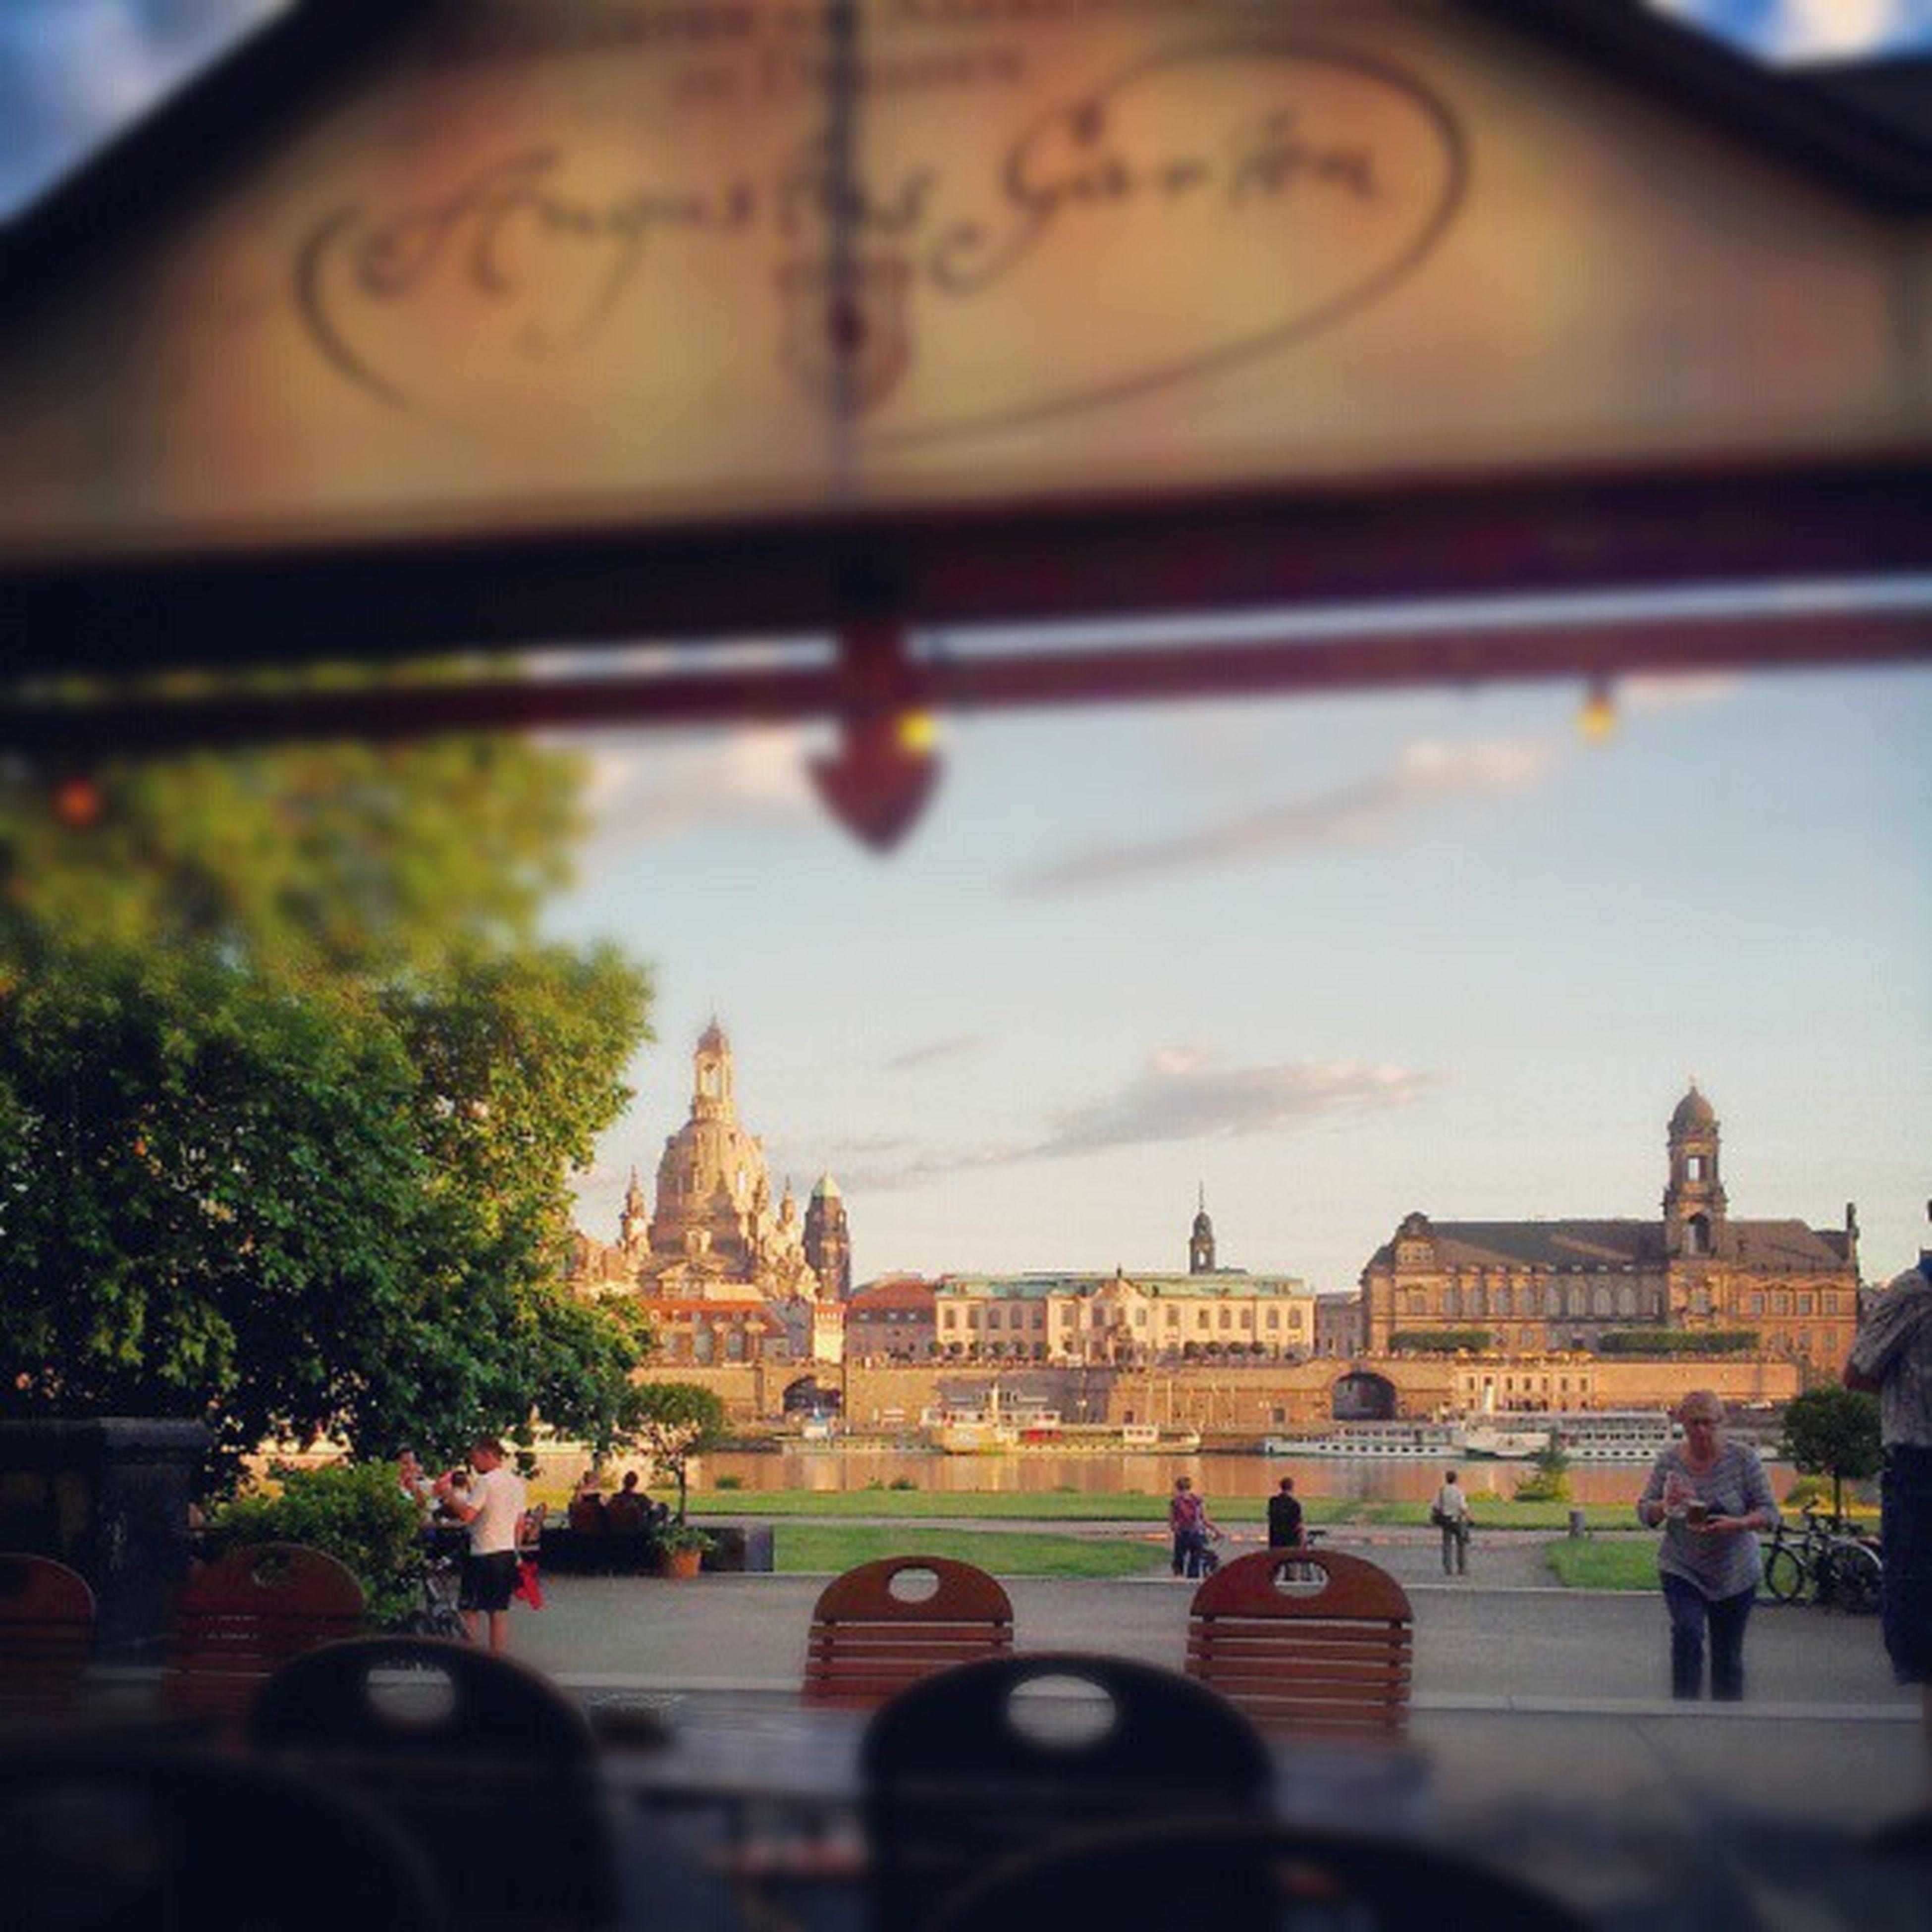 Altstadt Dresden #oldtown #altstadt #dresden #frauenkirche #biergarten #garden #beer #bestshot #picoftheday #bestoftheday #all_shots #random #summer #sun #instagram #instamood #instagood #igers #ig #jj #ink361 Oldtown Instagram Biergarten Frauenkirche Picoftheday Altstadt All_shots Instamood Bestoftheday Beer Ig Summer Bestshot Sun Igers Random Jj  Garden Instagood Ink361 Dresden